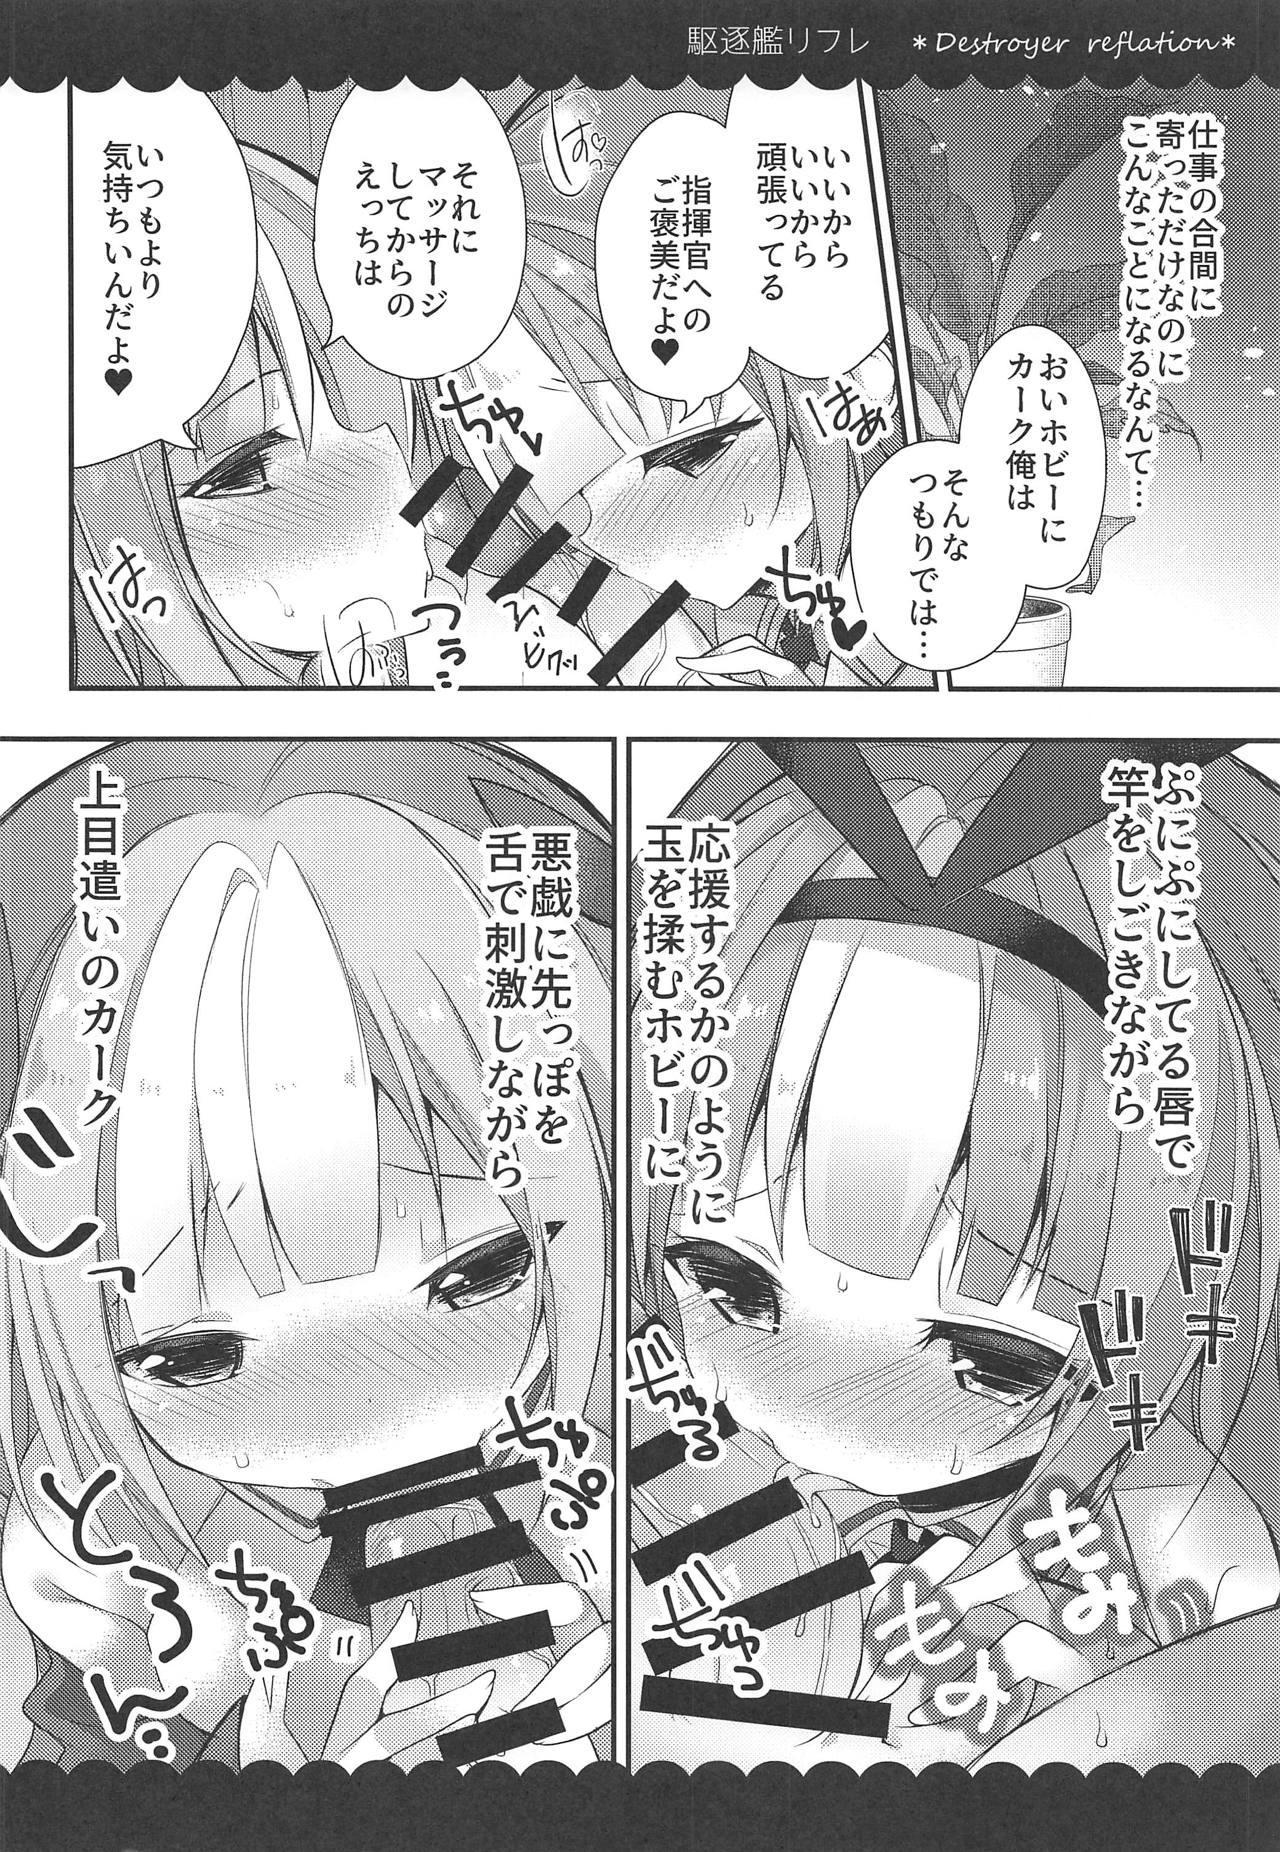 Kalk to Hobby no Kuchikukan Refla 8